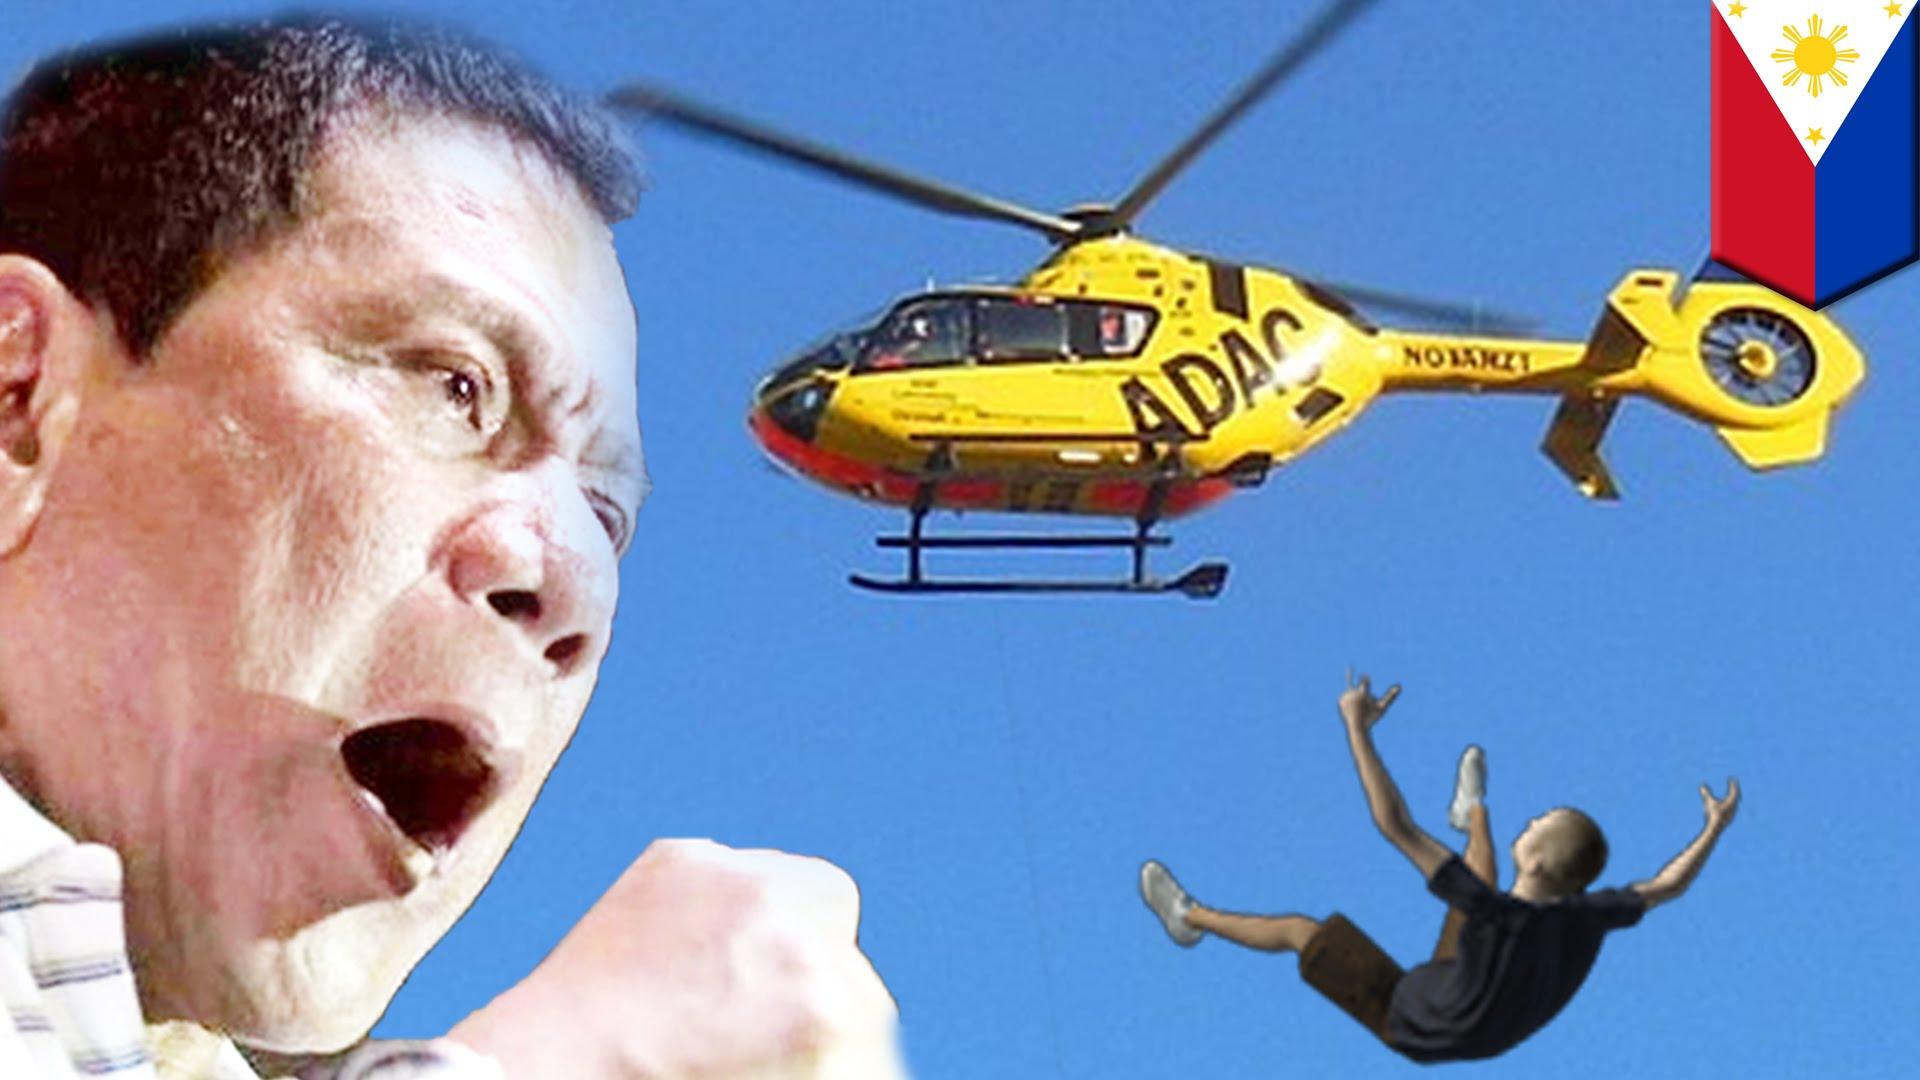 koruptor akan dijatuhkan dari helikopter